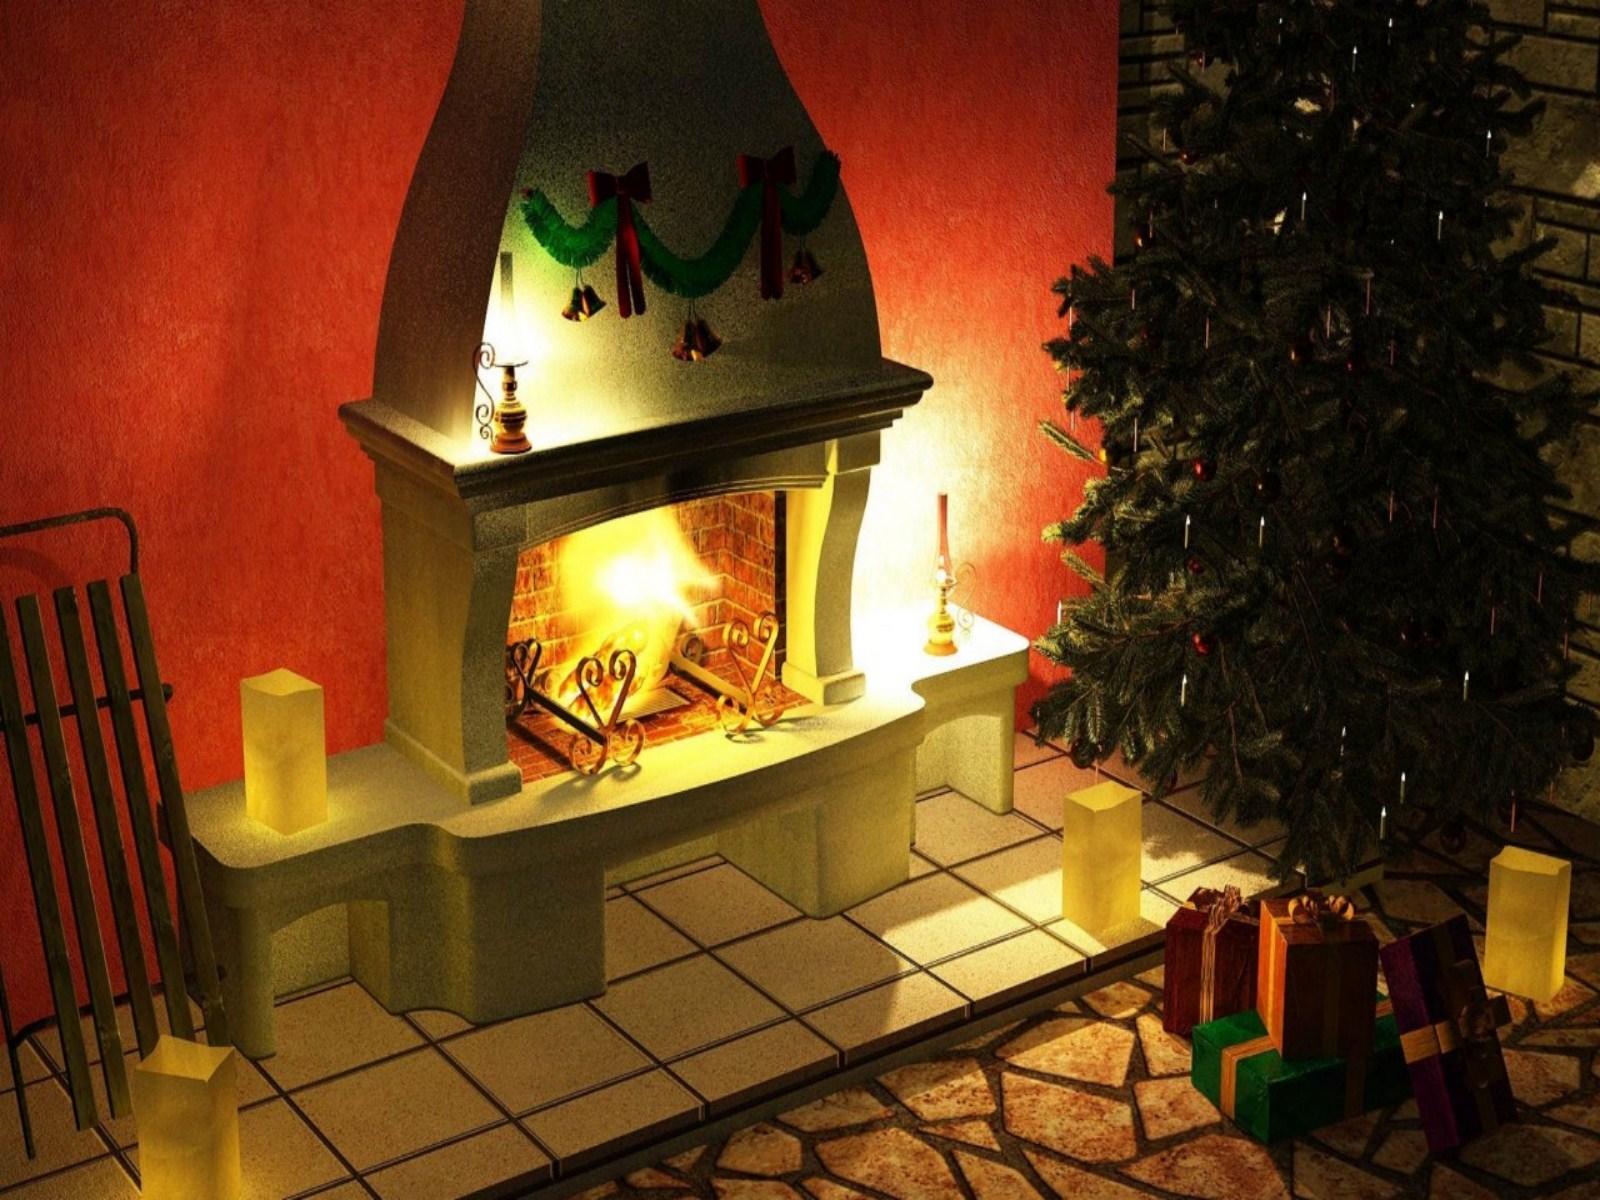 Christmas Fireplace 3d Wallpaper   1600x1200   415411 1600x1200